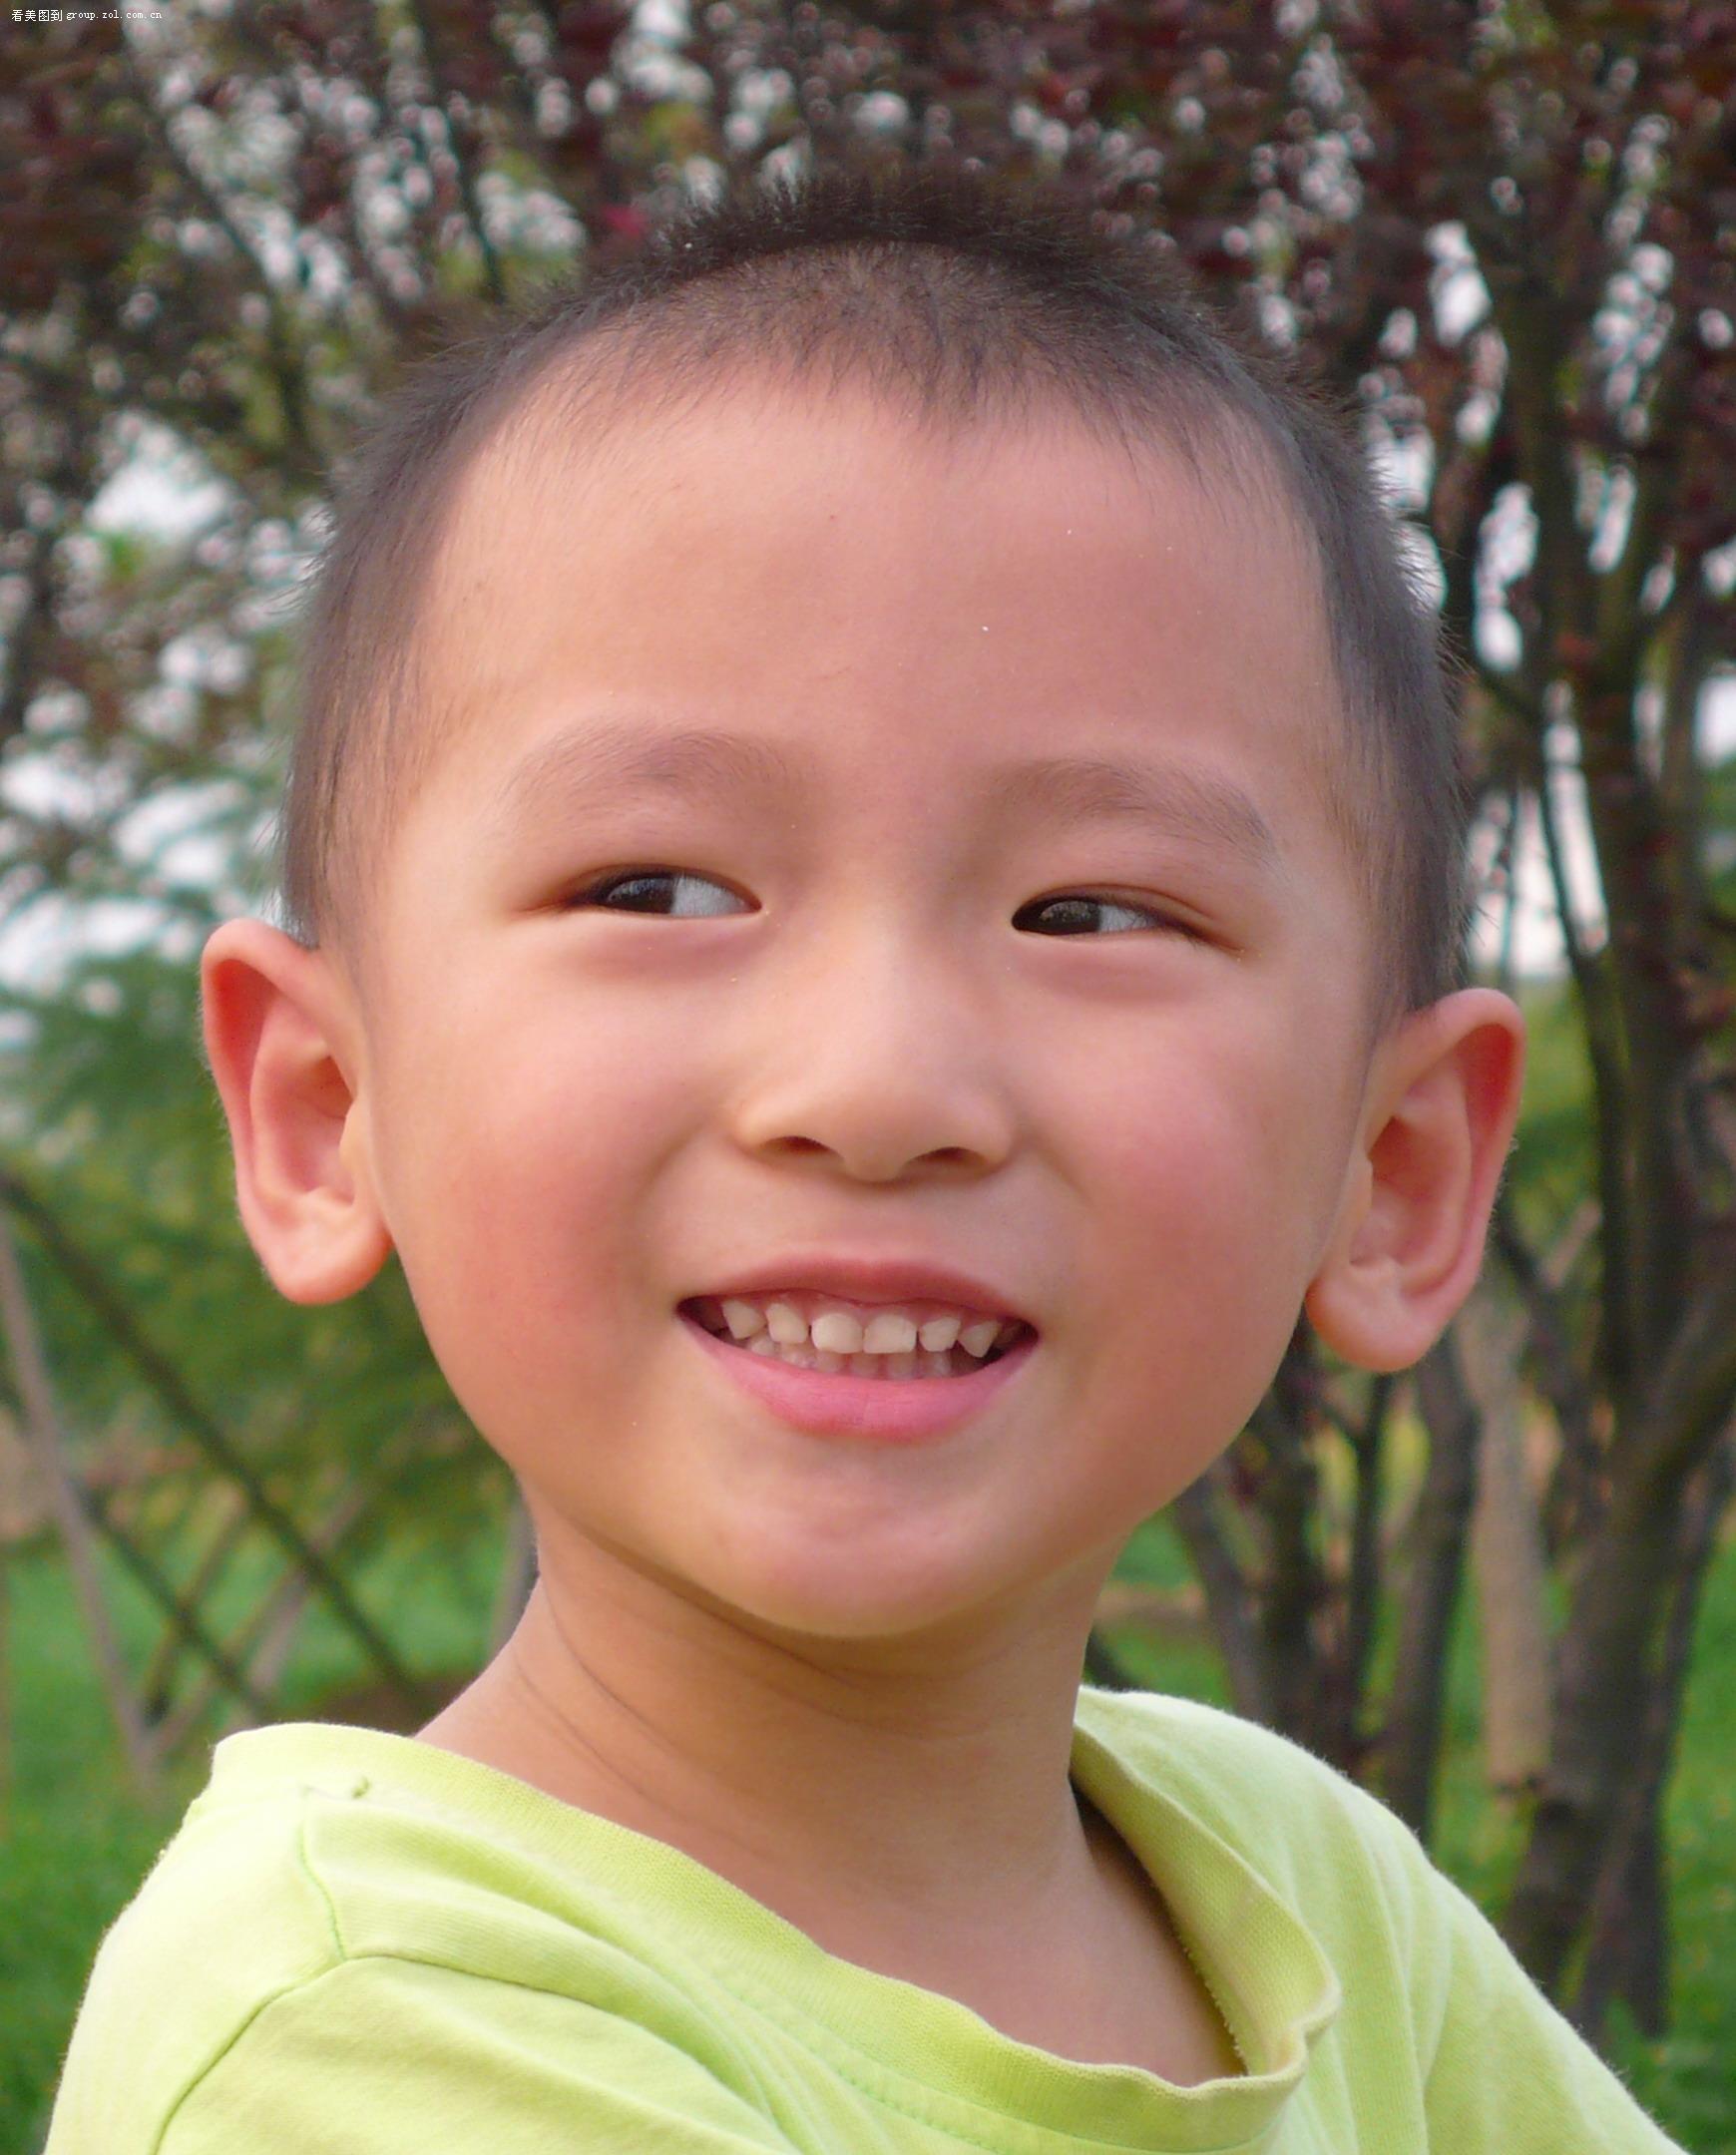 12:17:00  小孩子,肖像模式  相关热帖 ·国庆深圳会展中心车展模特